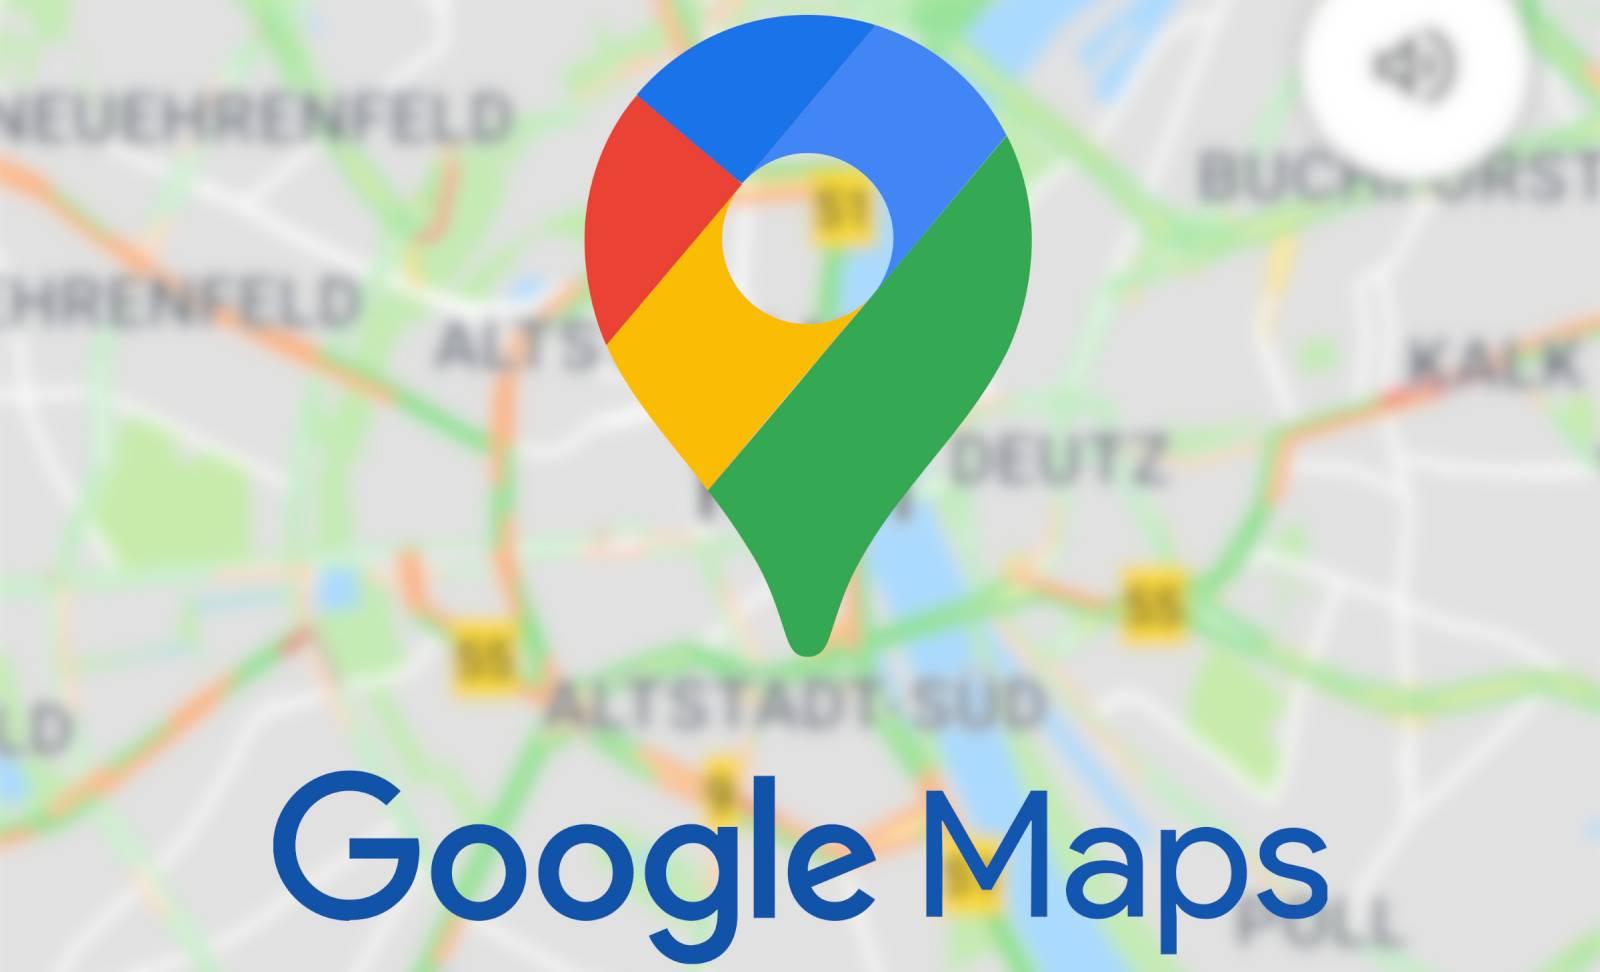 Google Maps live view afaceri